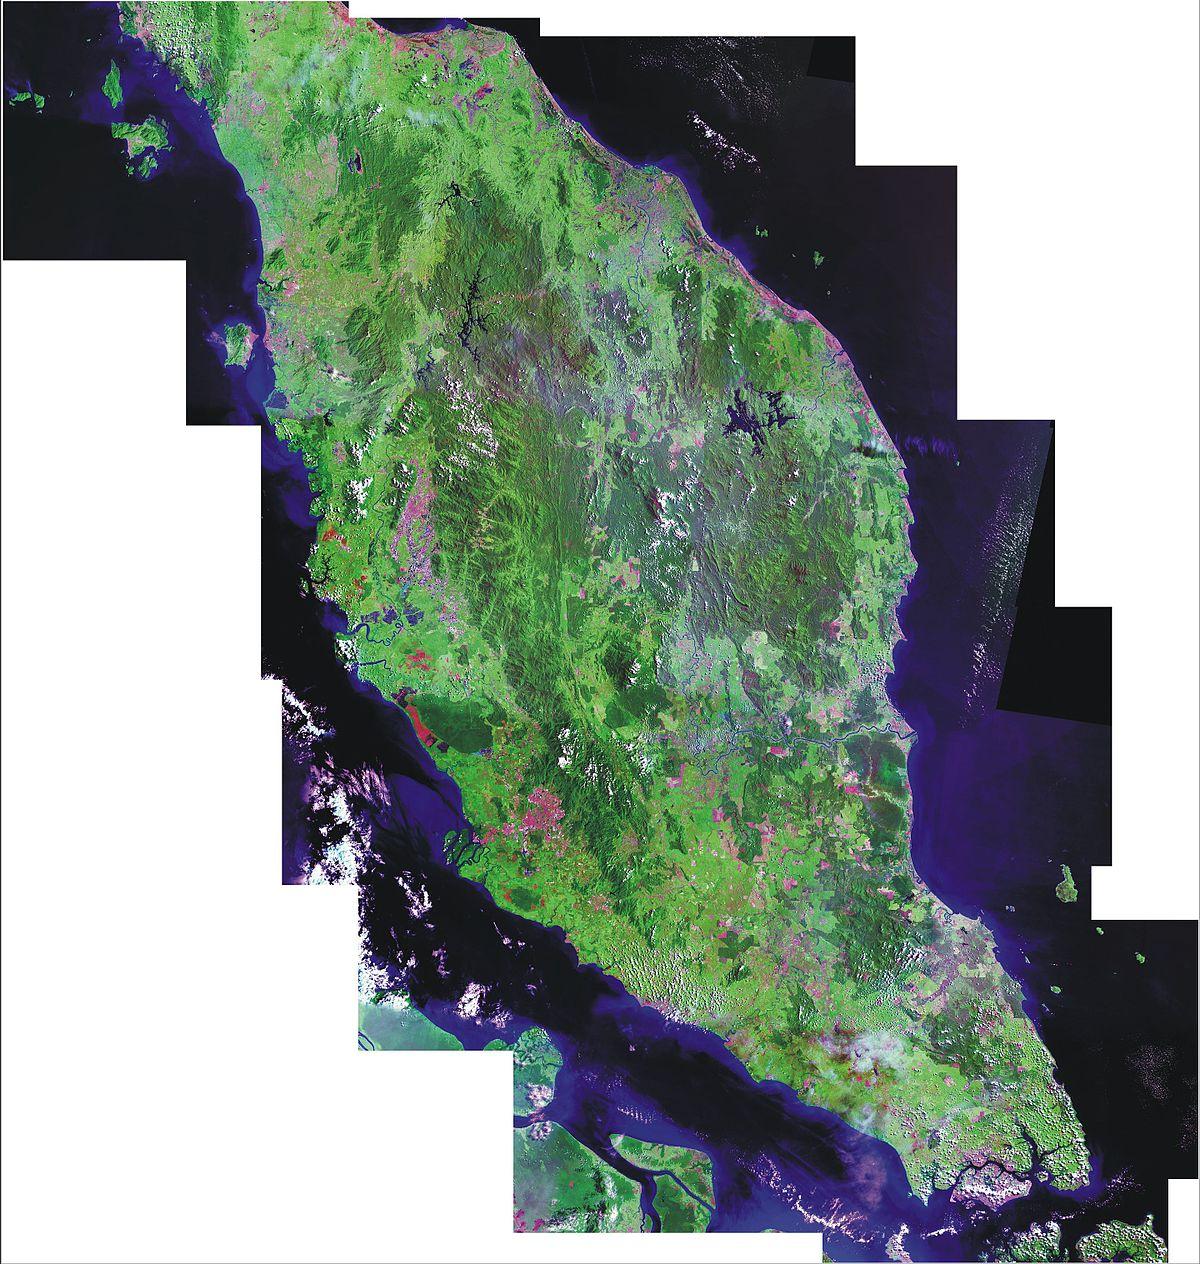 馬來西亞半島地區 - 維基百科,自由的百科全書